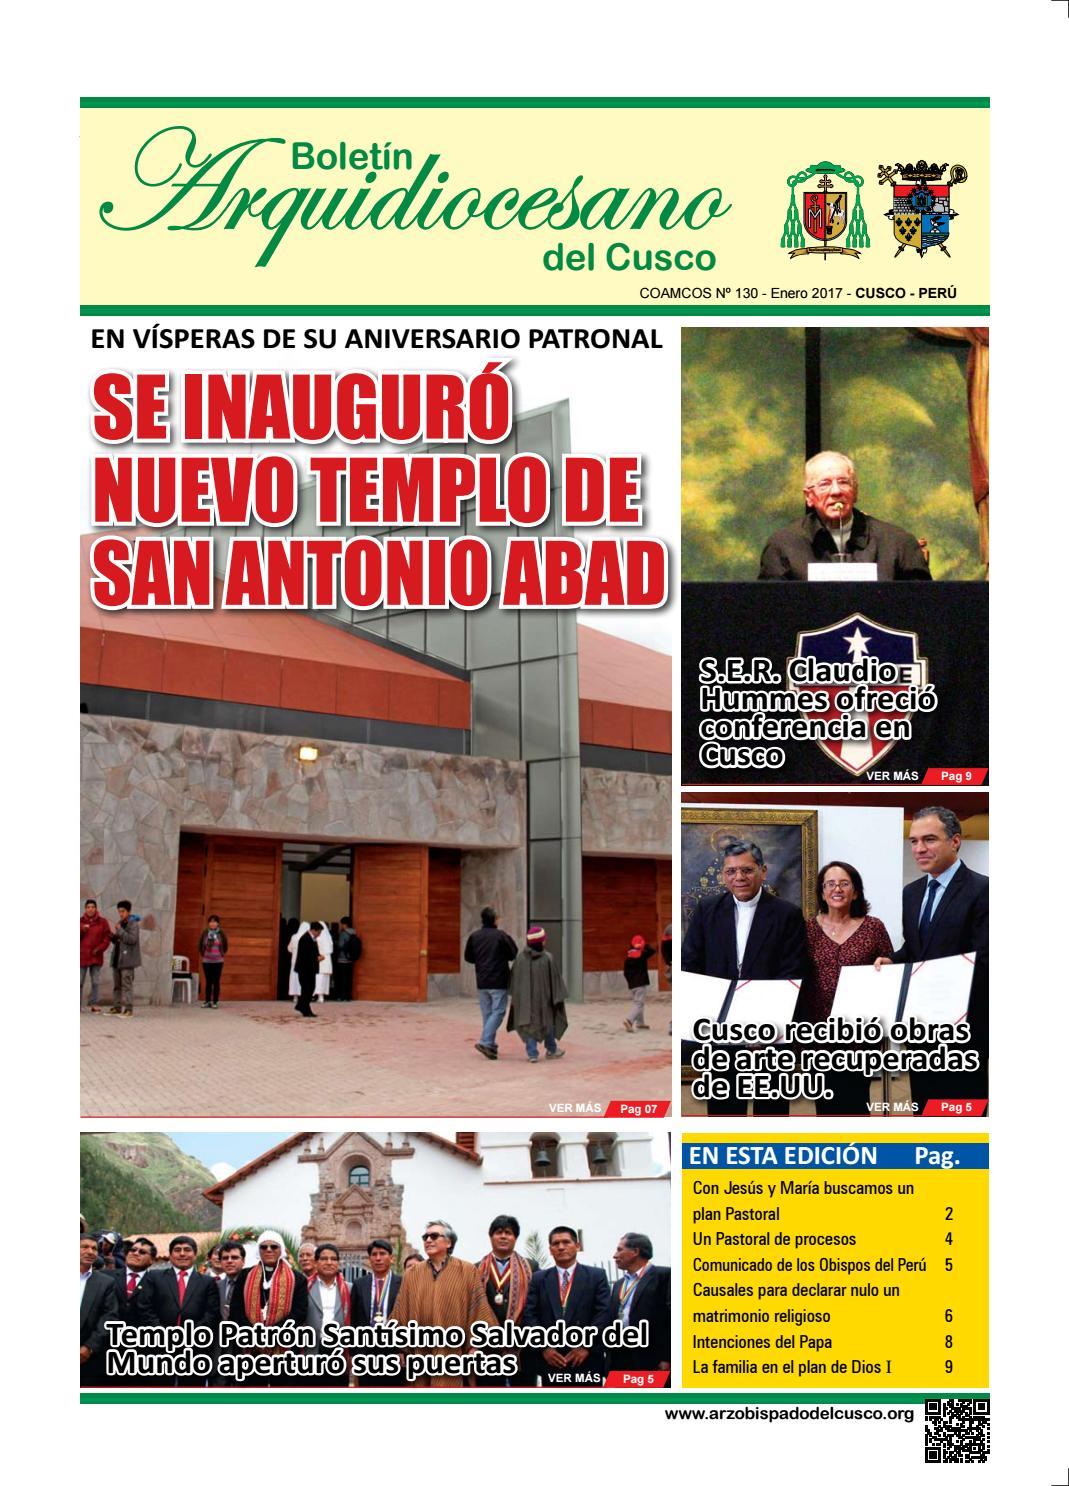 Boletín Arquidiocesano N° 130 - Enero 2017 - Arzobispado del Cusco ...